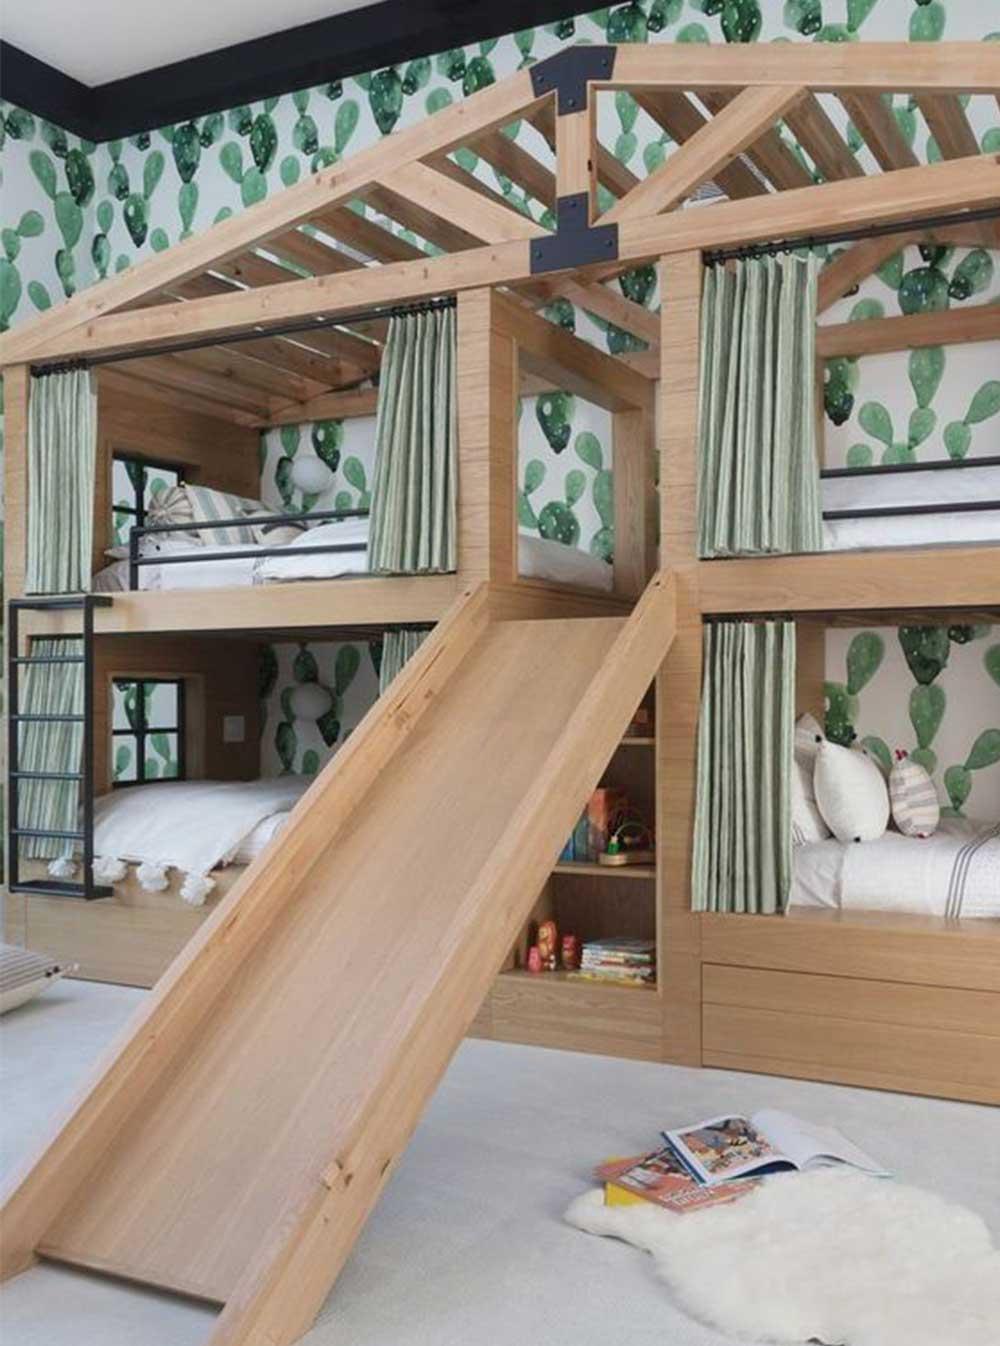 Kids Bedroom Ideas - Bunk Beds